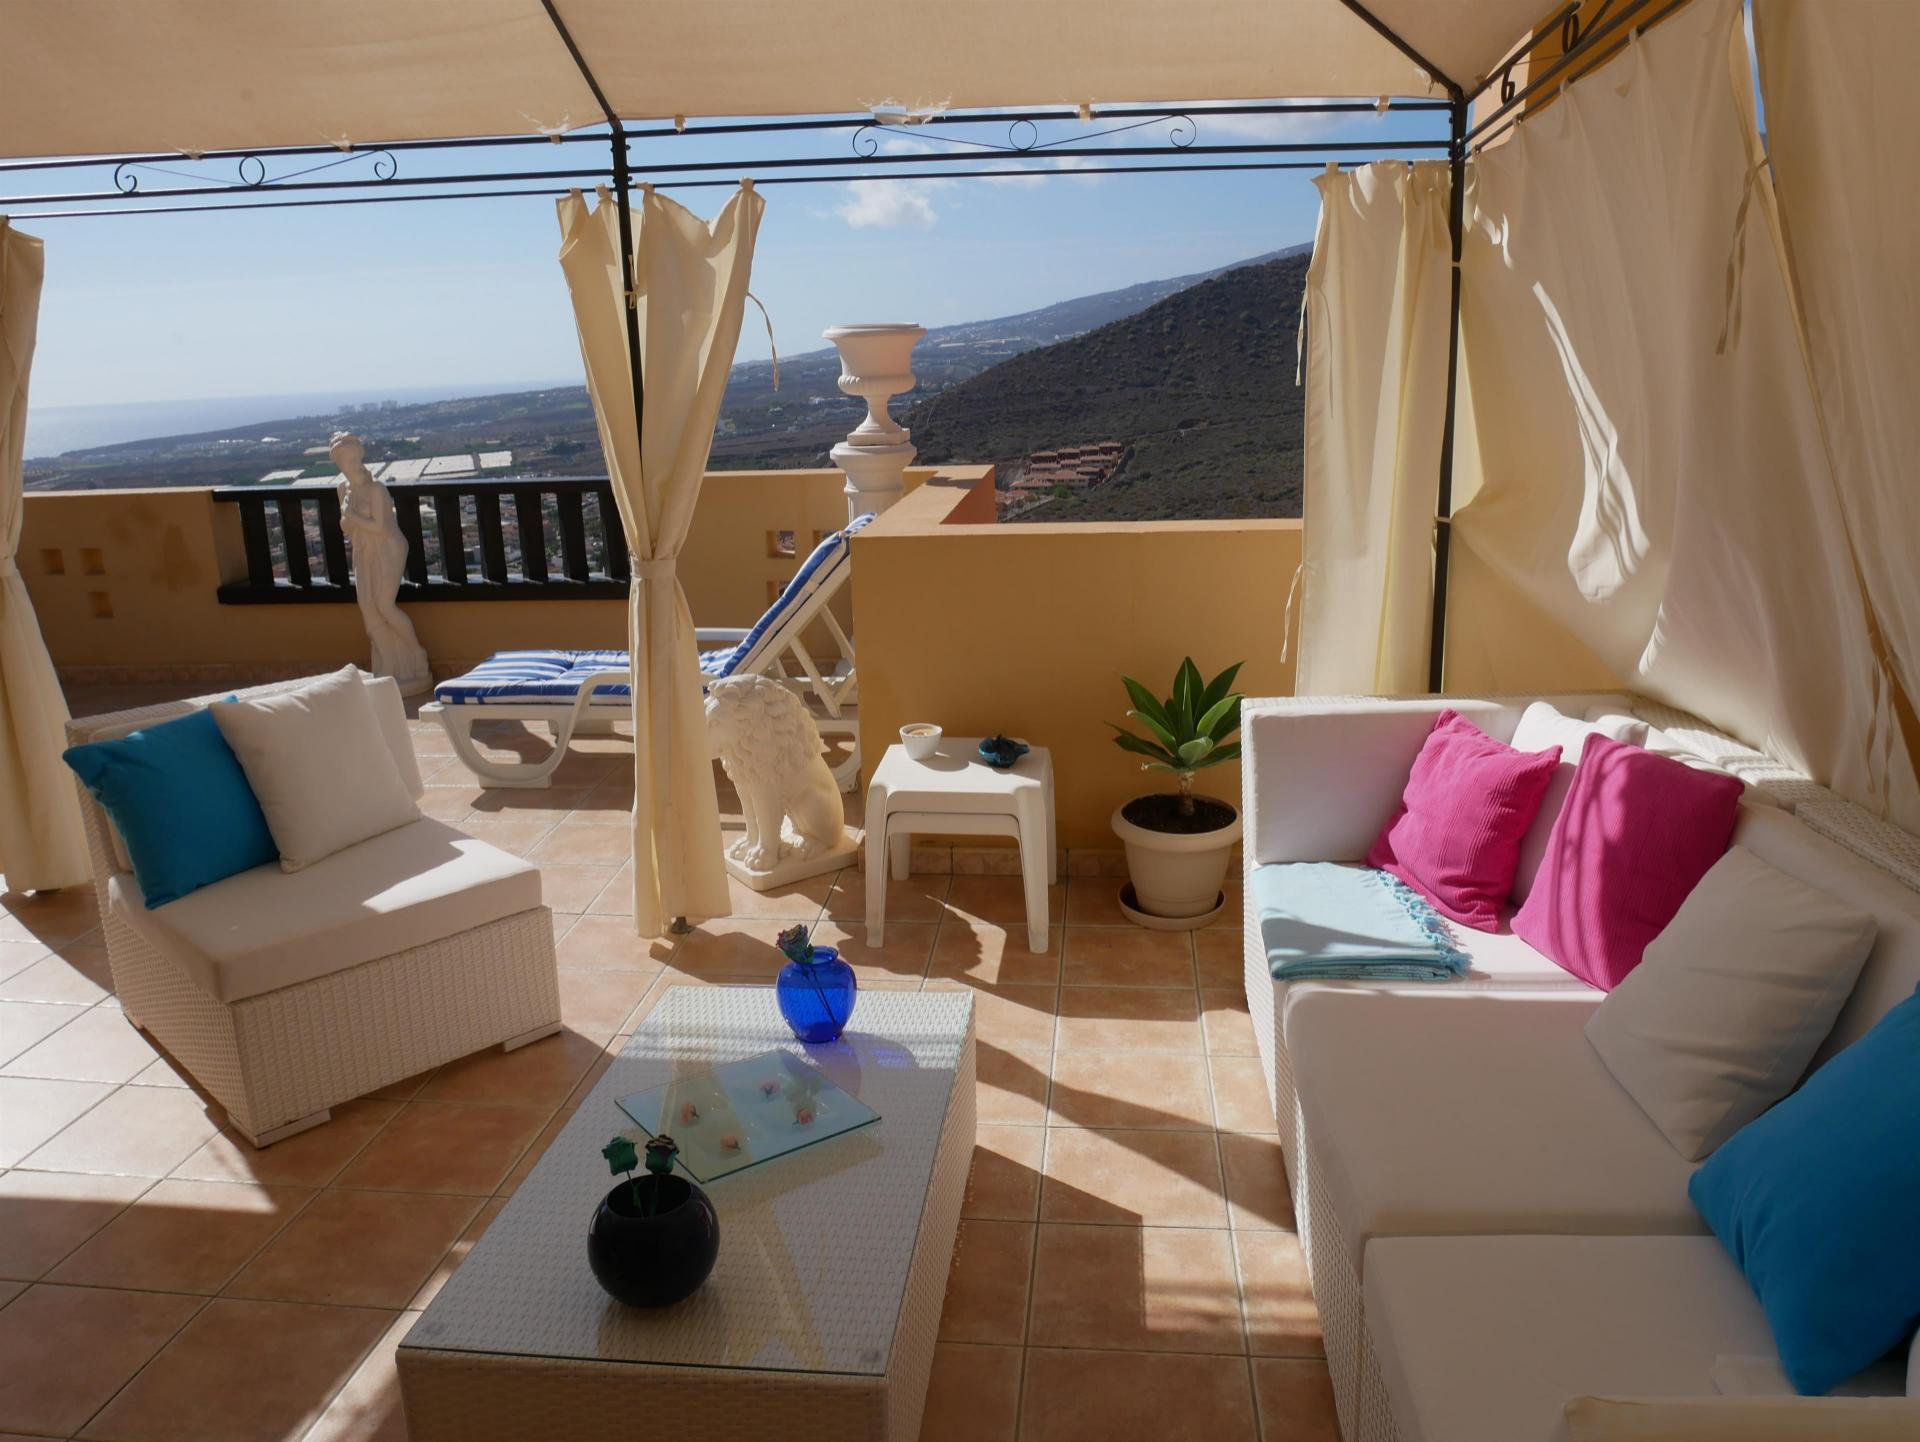 Wunderschöne Wohnung im Komplex Terrazas del Conde! Das Anwesen, das ursprünglich 2 .... mehr Info